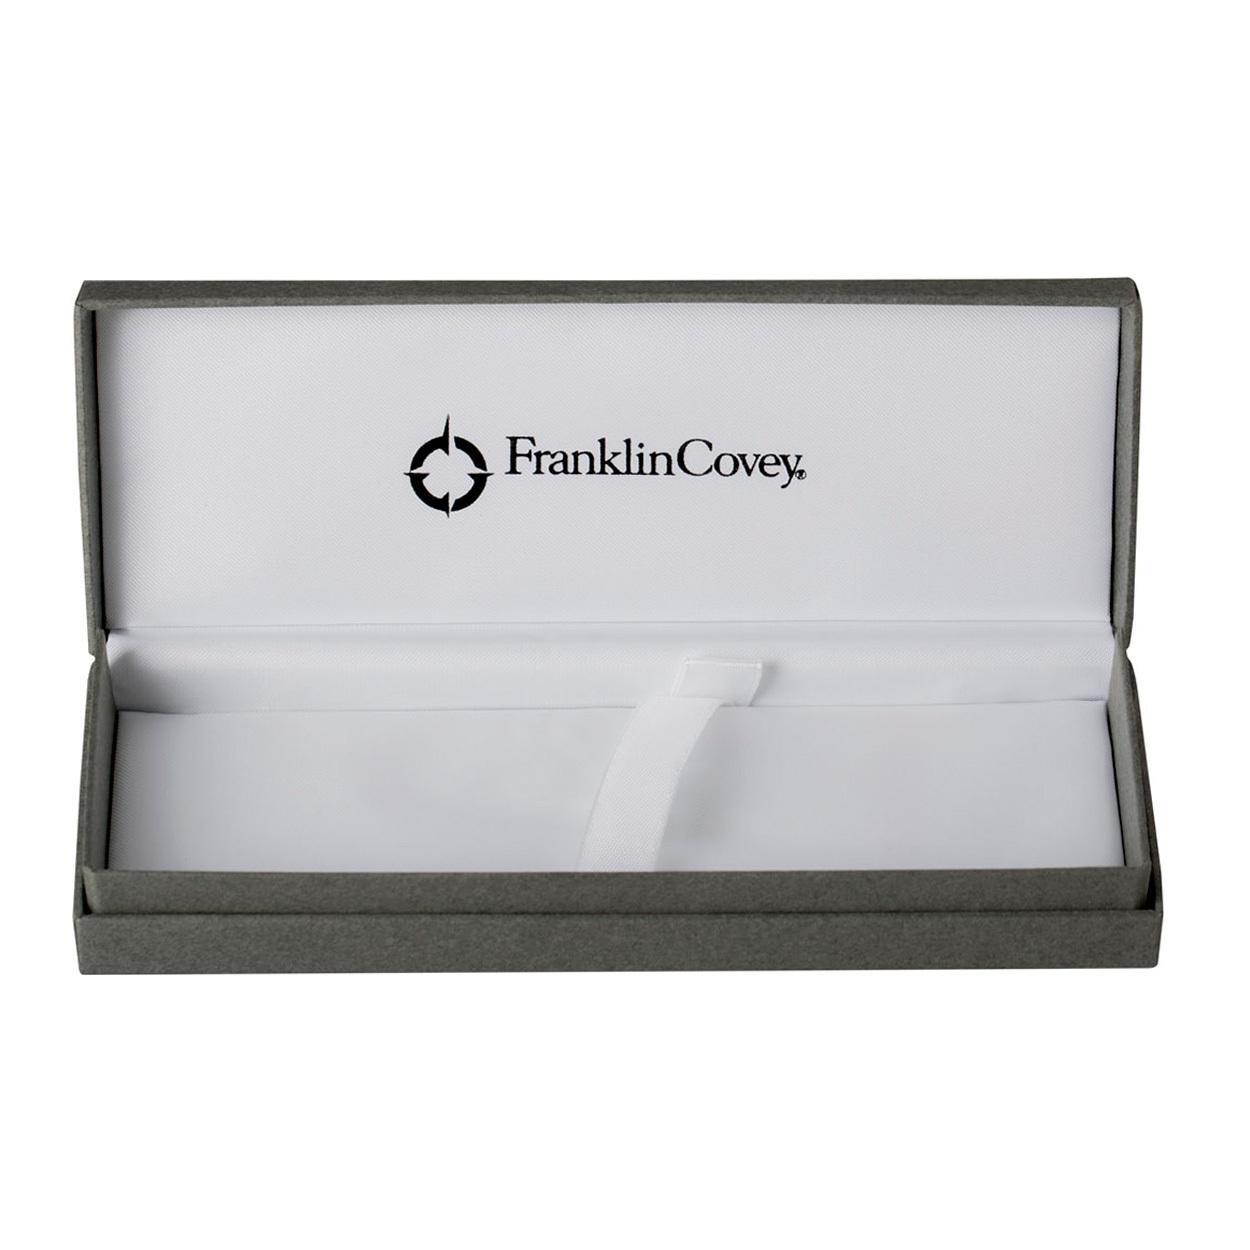 Набор FranklinCovey Greenwich: шариковая ручка и карандаш